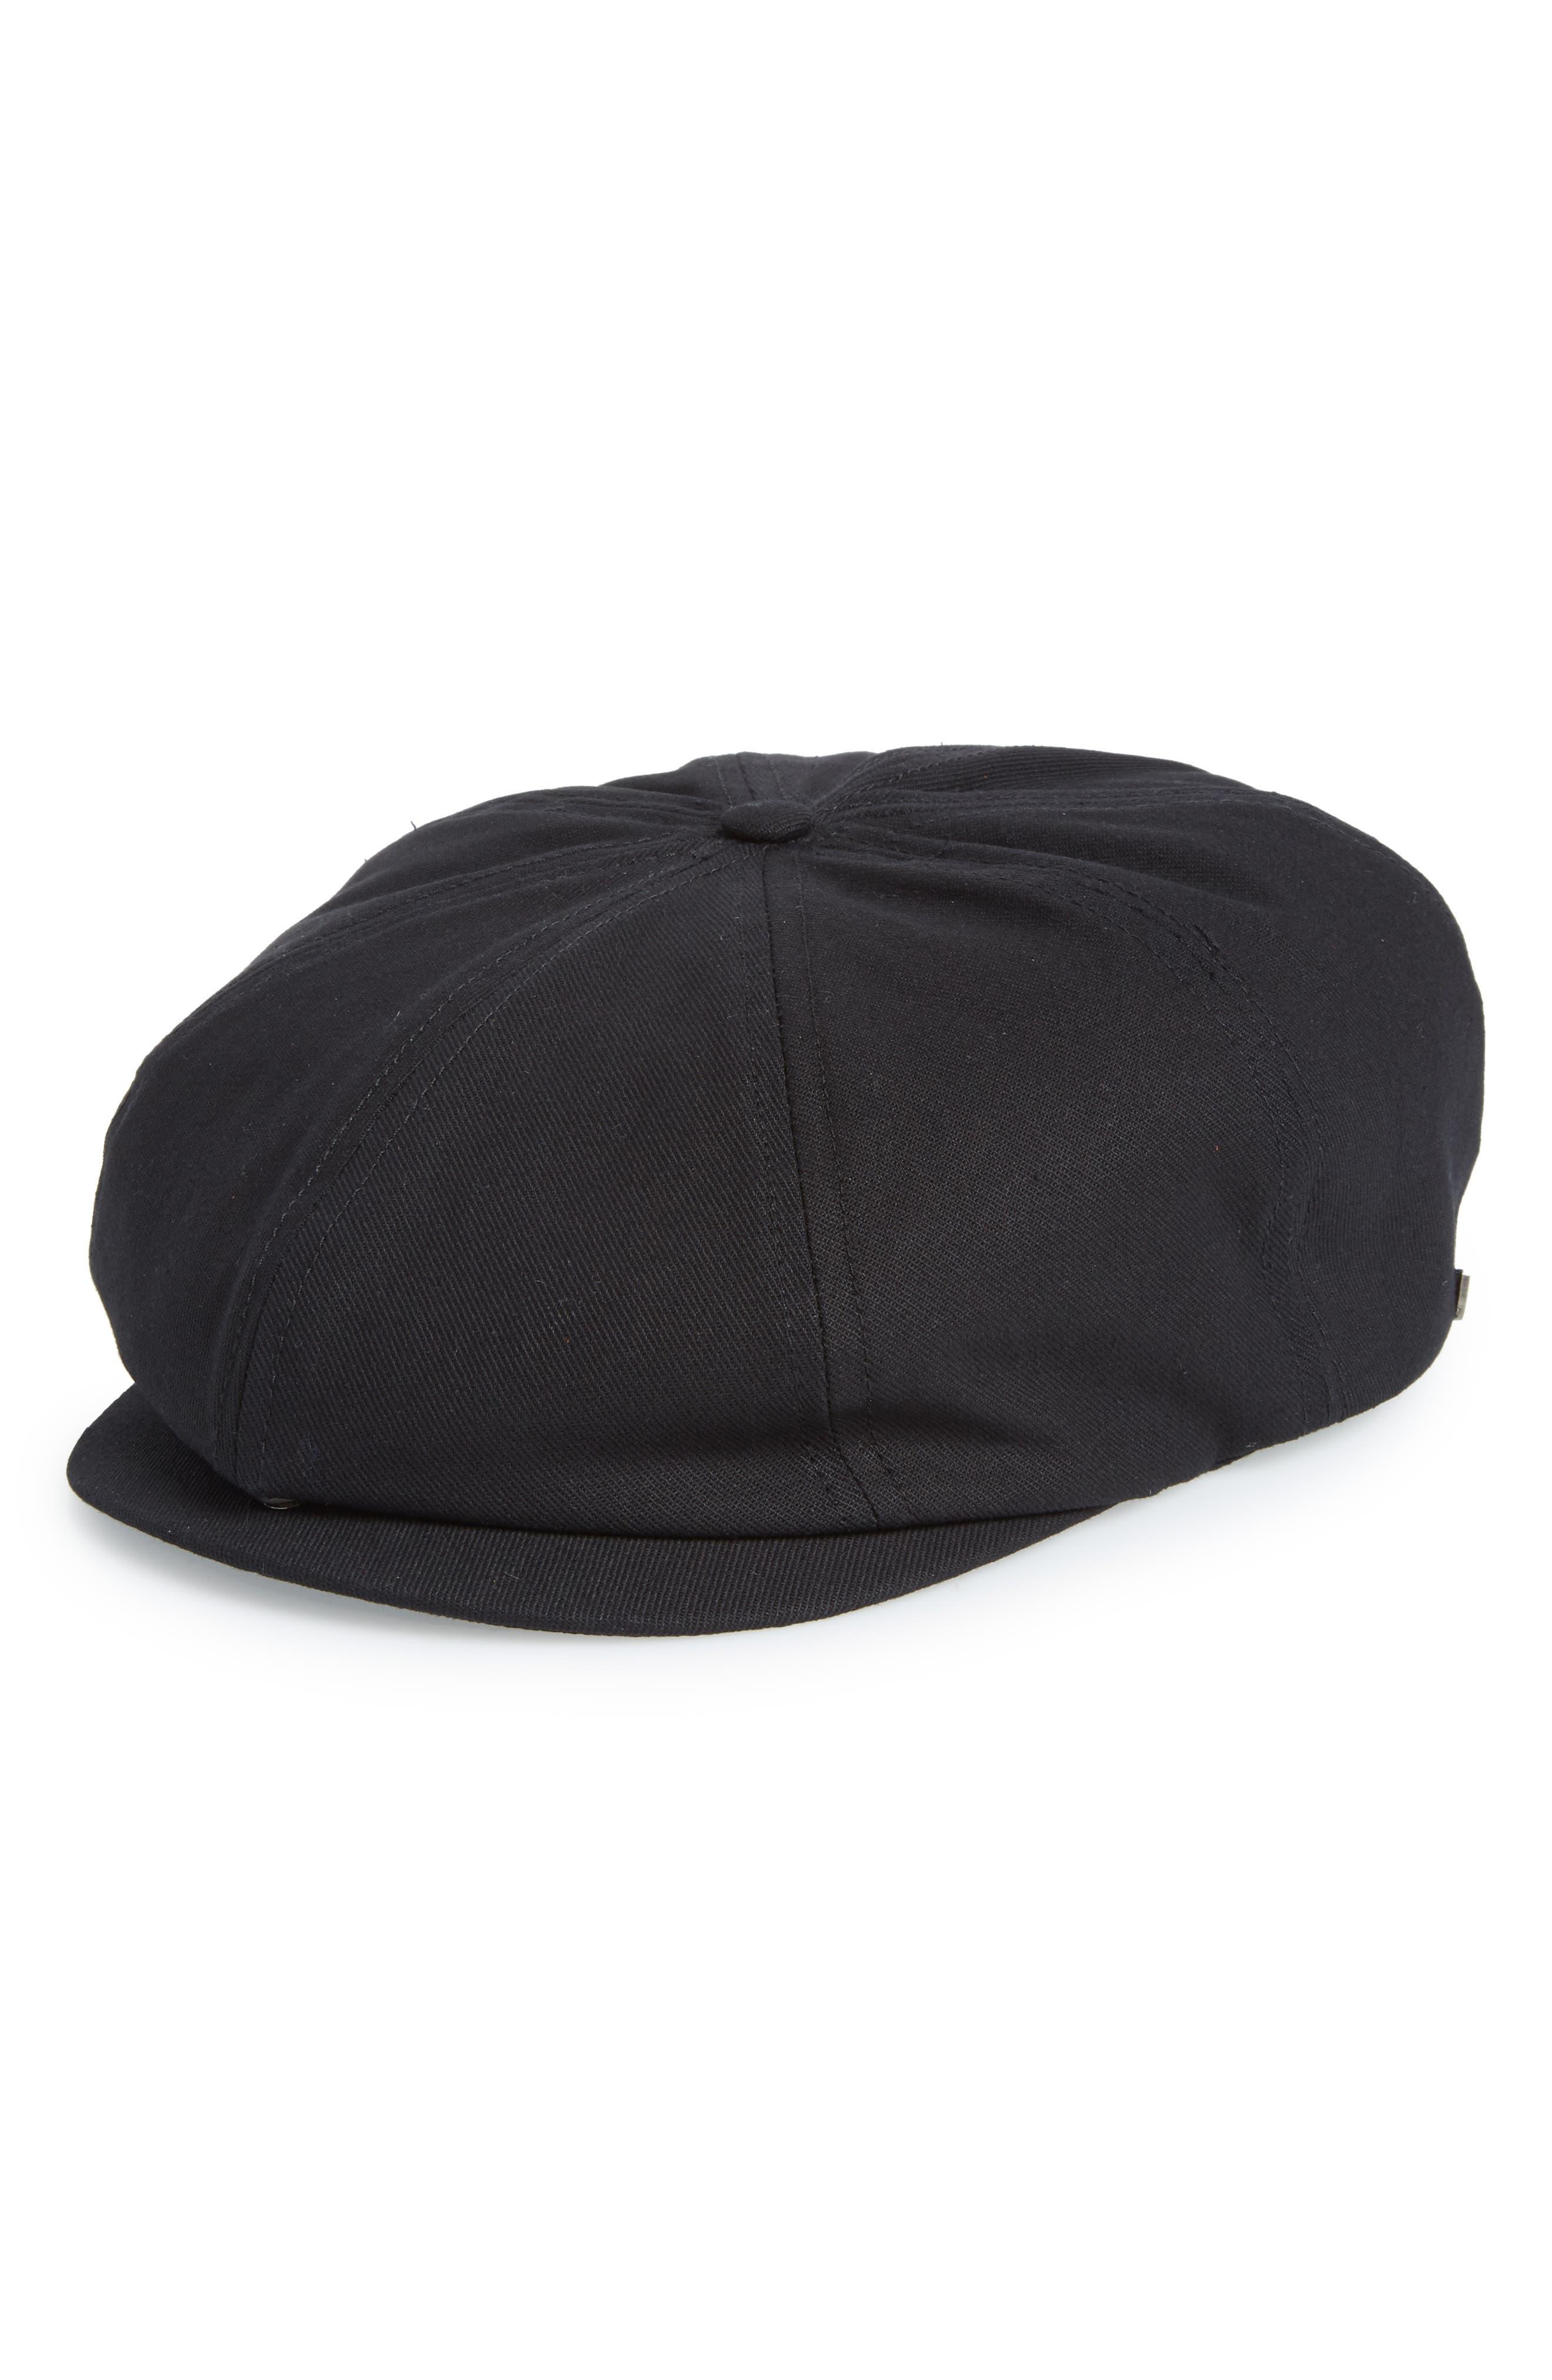 Brood Snap Brim Cap,                         Main,                         color, Black